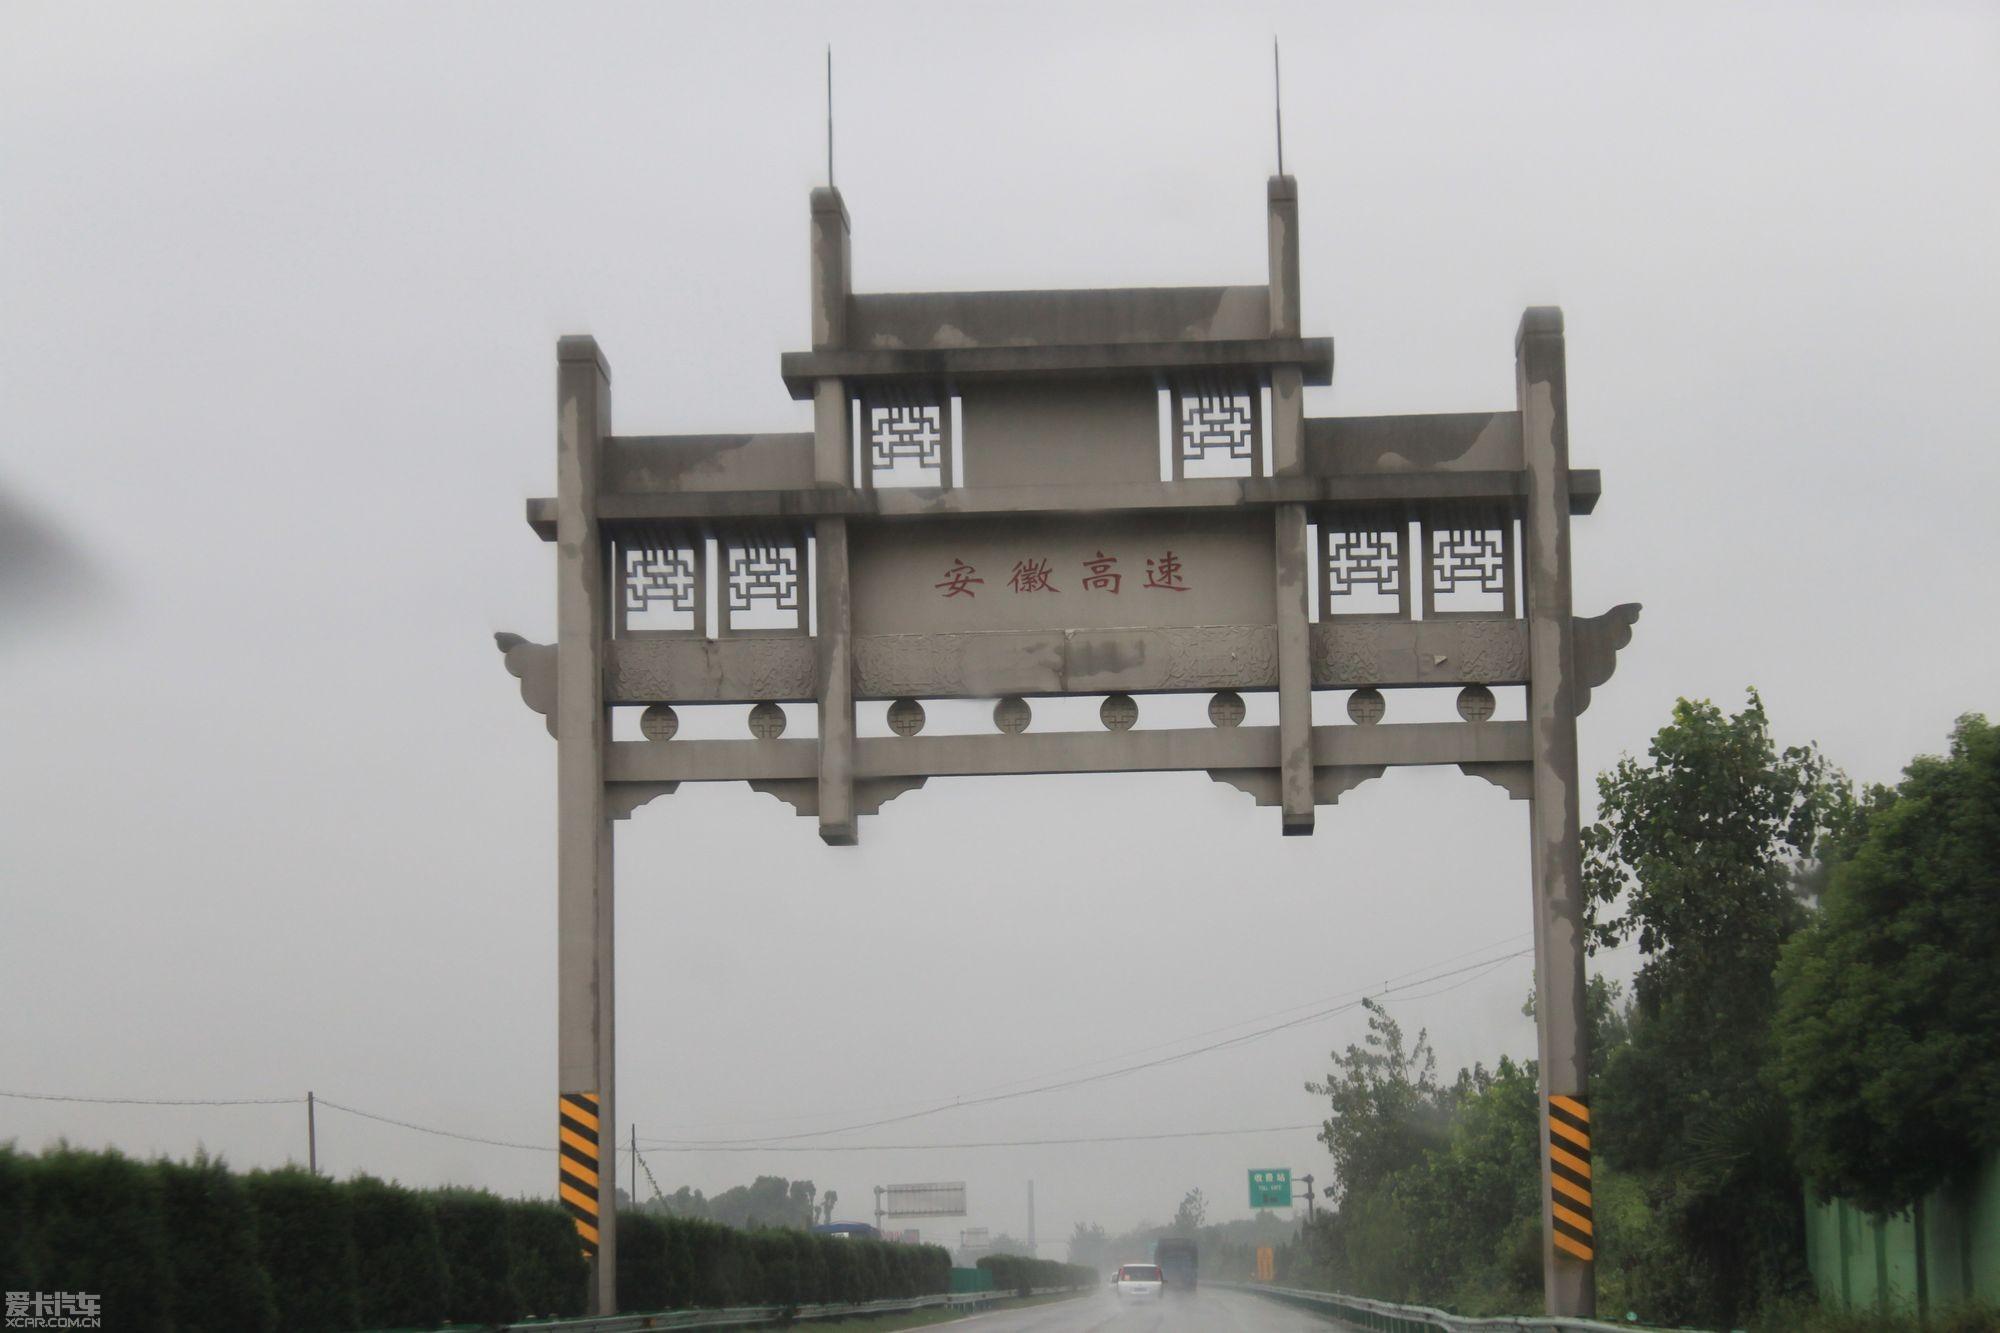 2010中秋 国庆开车去西藏--上海的小陀螺和石头;详细路书见60楼;正式